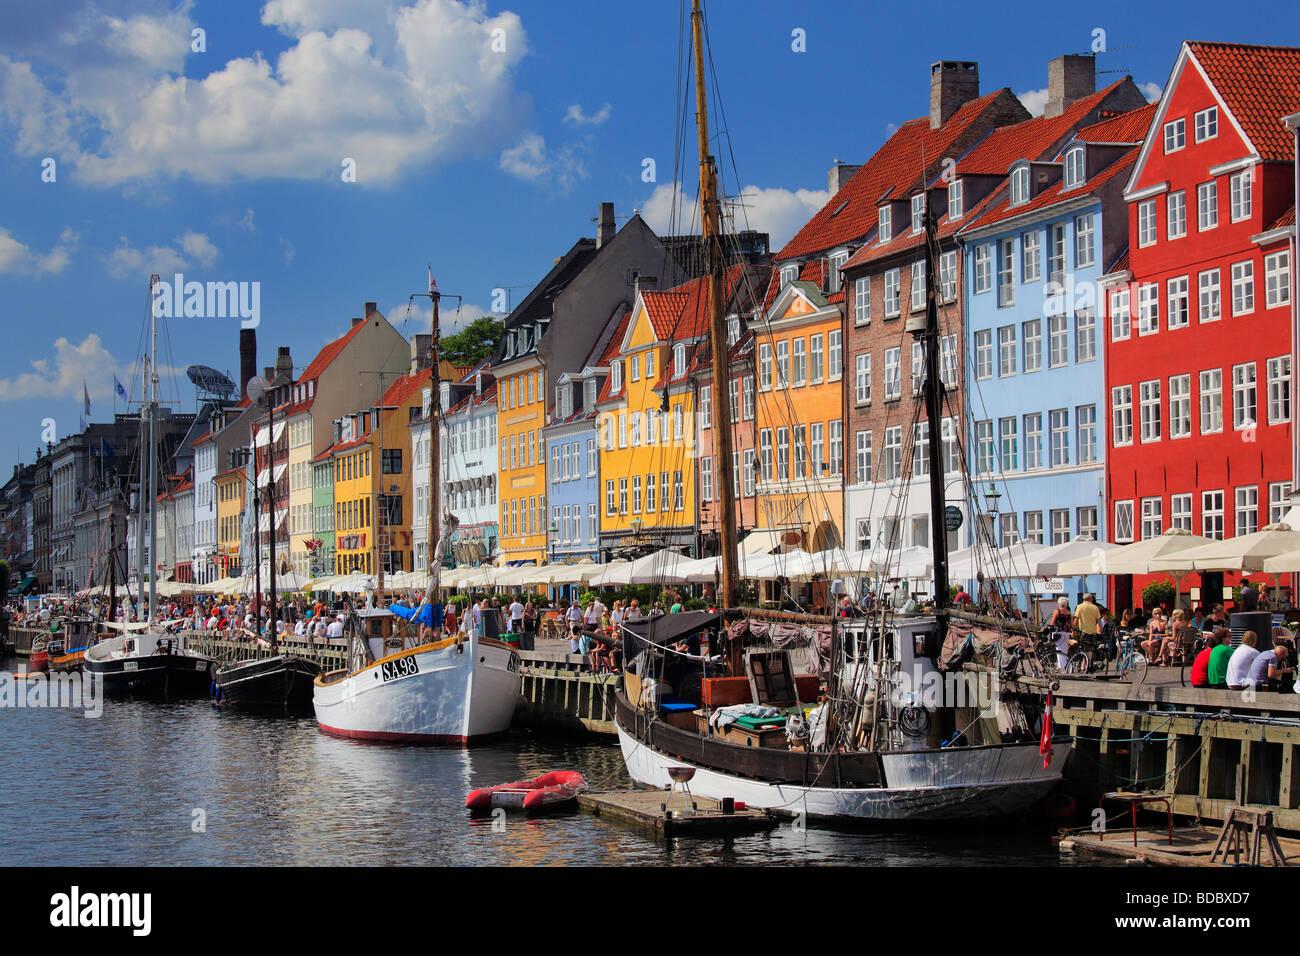 Maisons colorées dans le quartier de Nyhavn de Copenhague, Danemark Banque D'Images